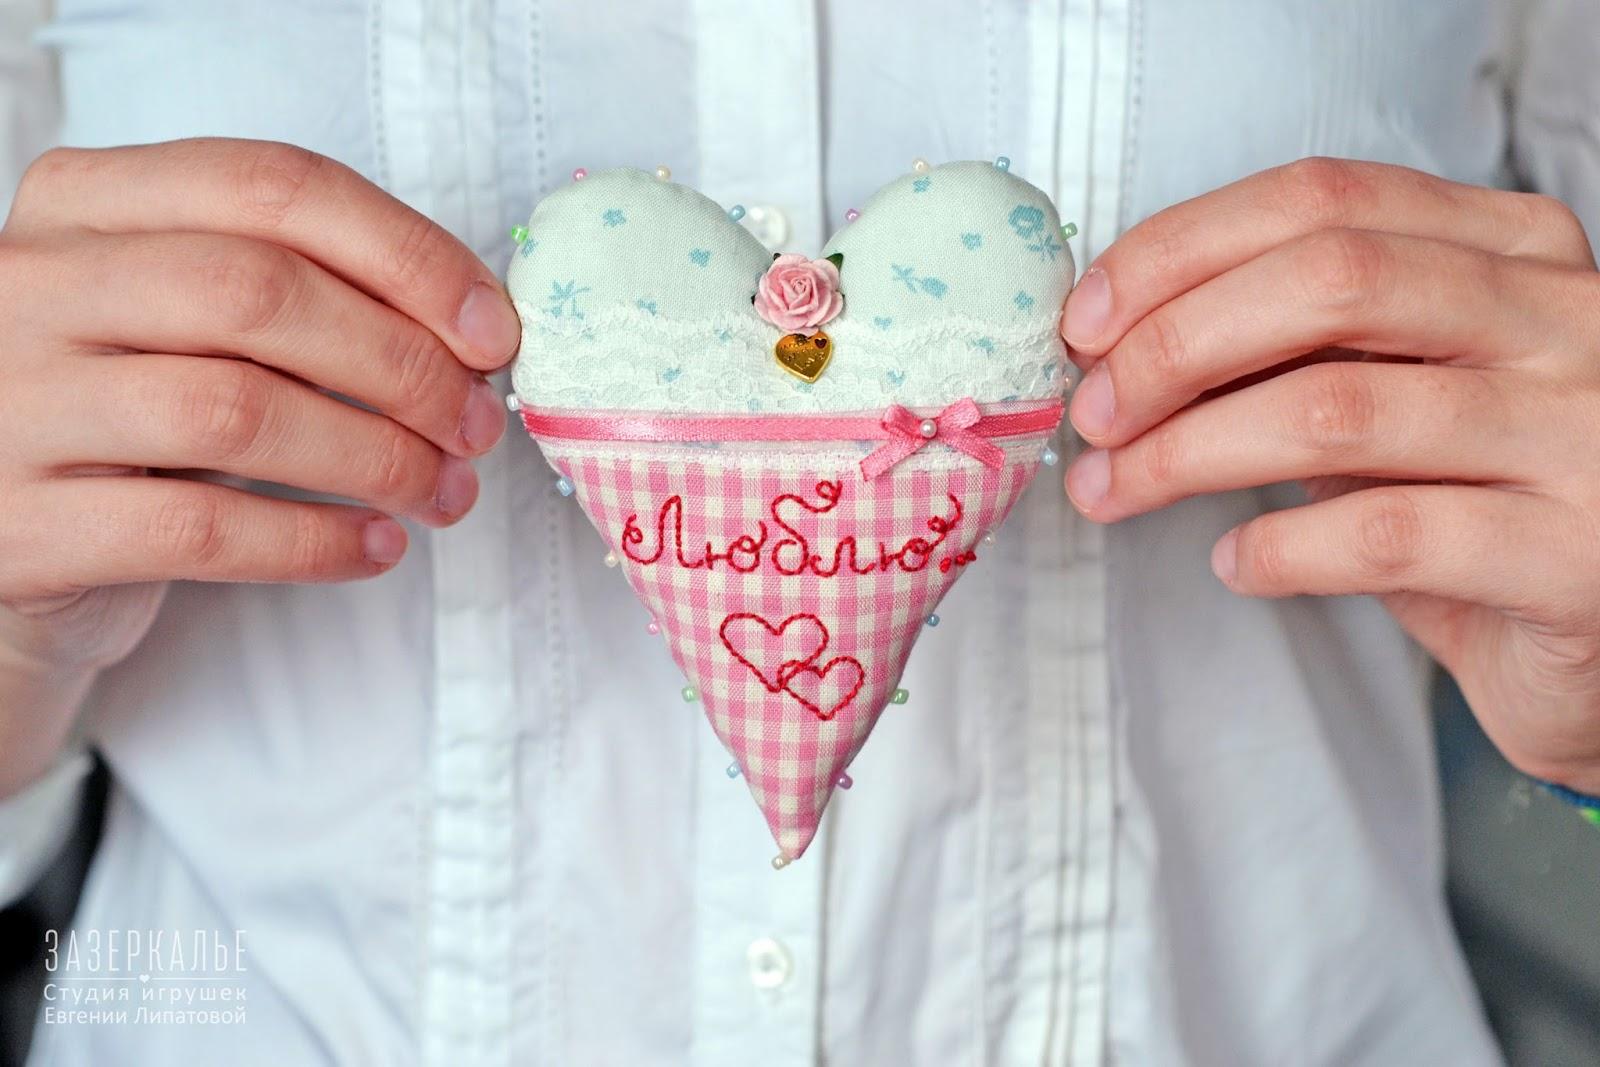 Картинки с надписями о любви, жизни ВКонтакте - красивые картинки про любовь с надписями